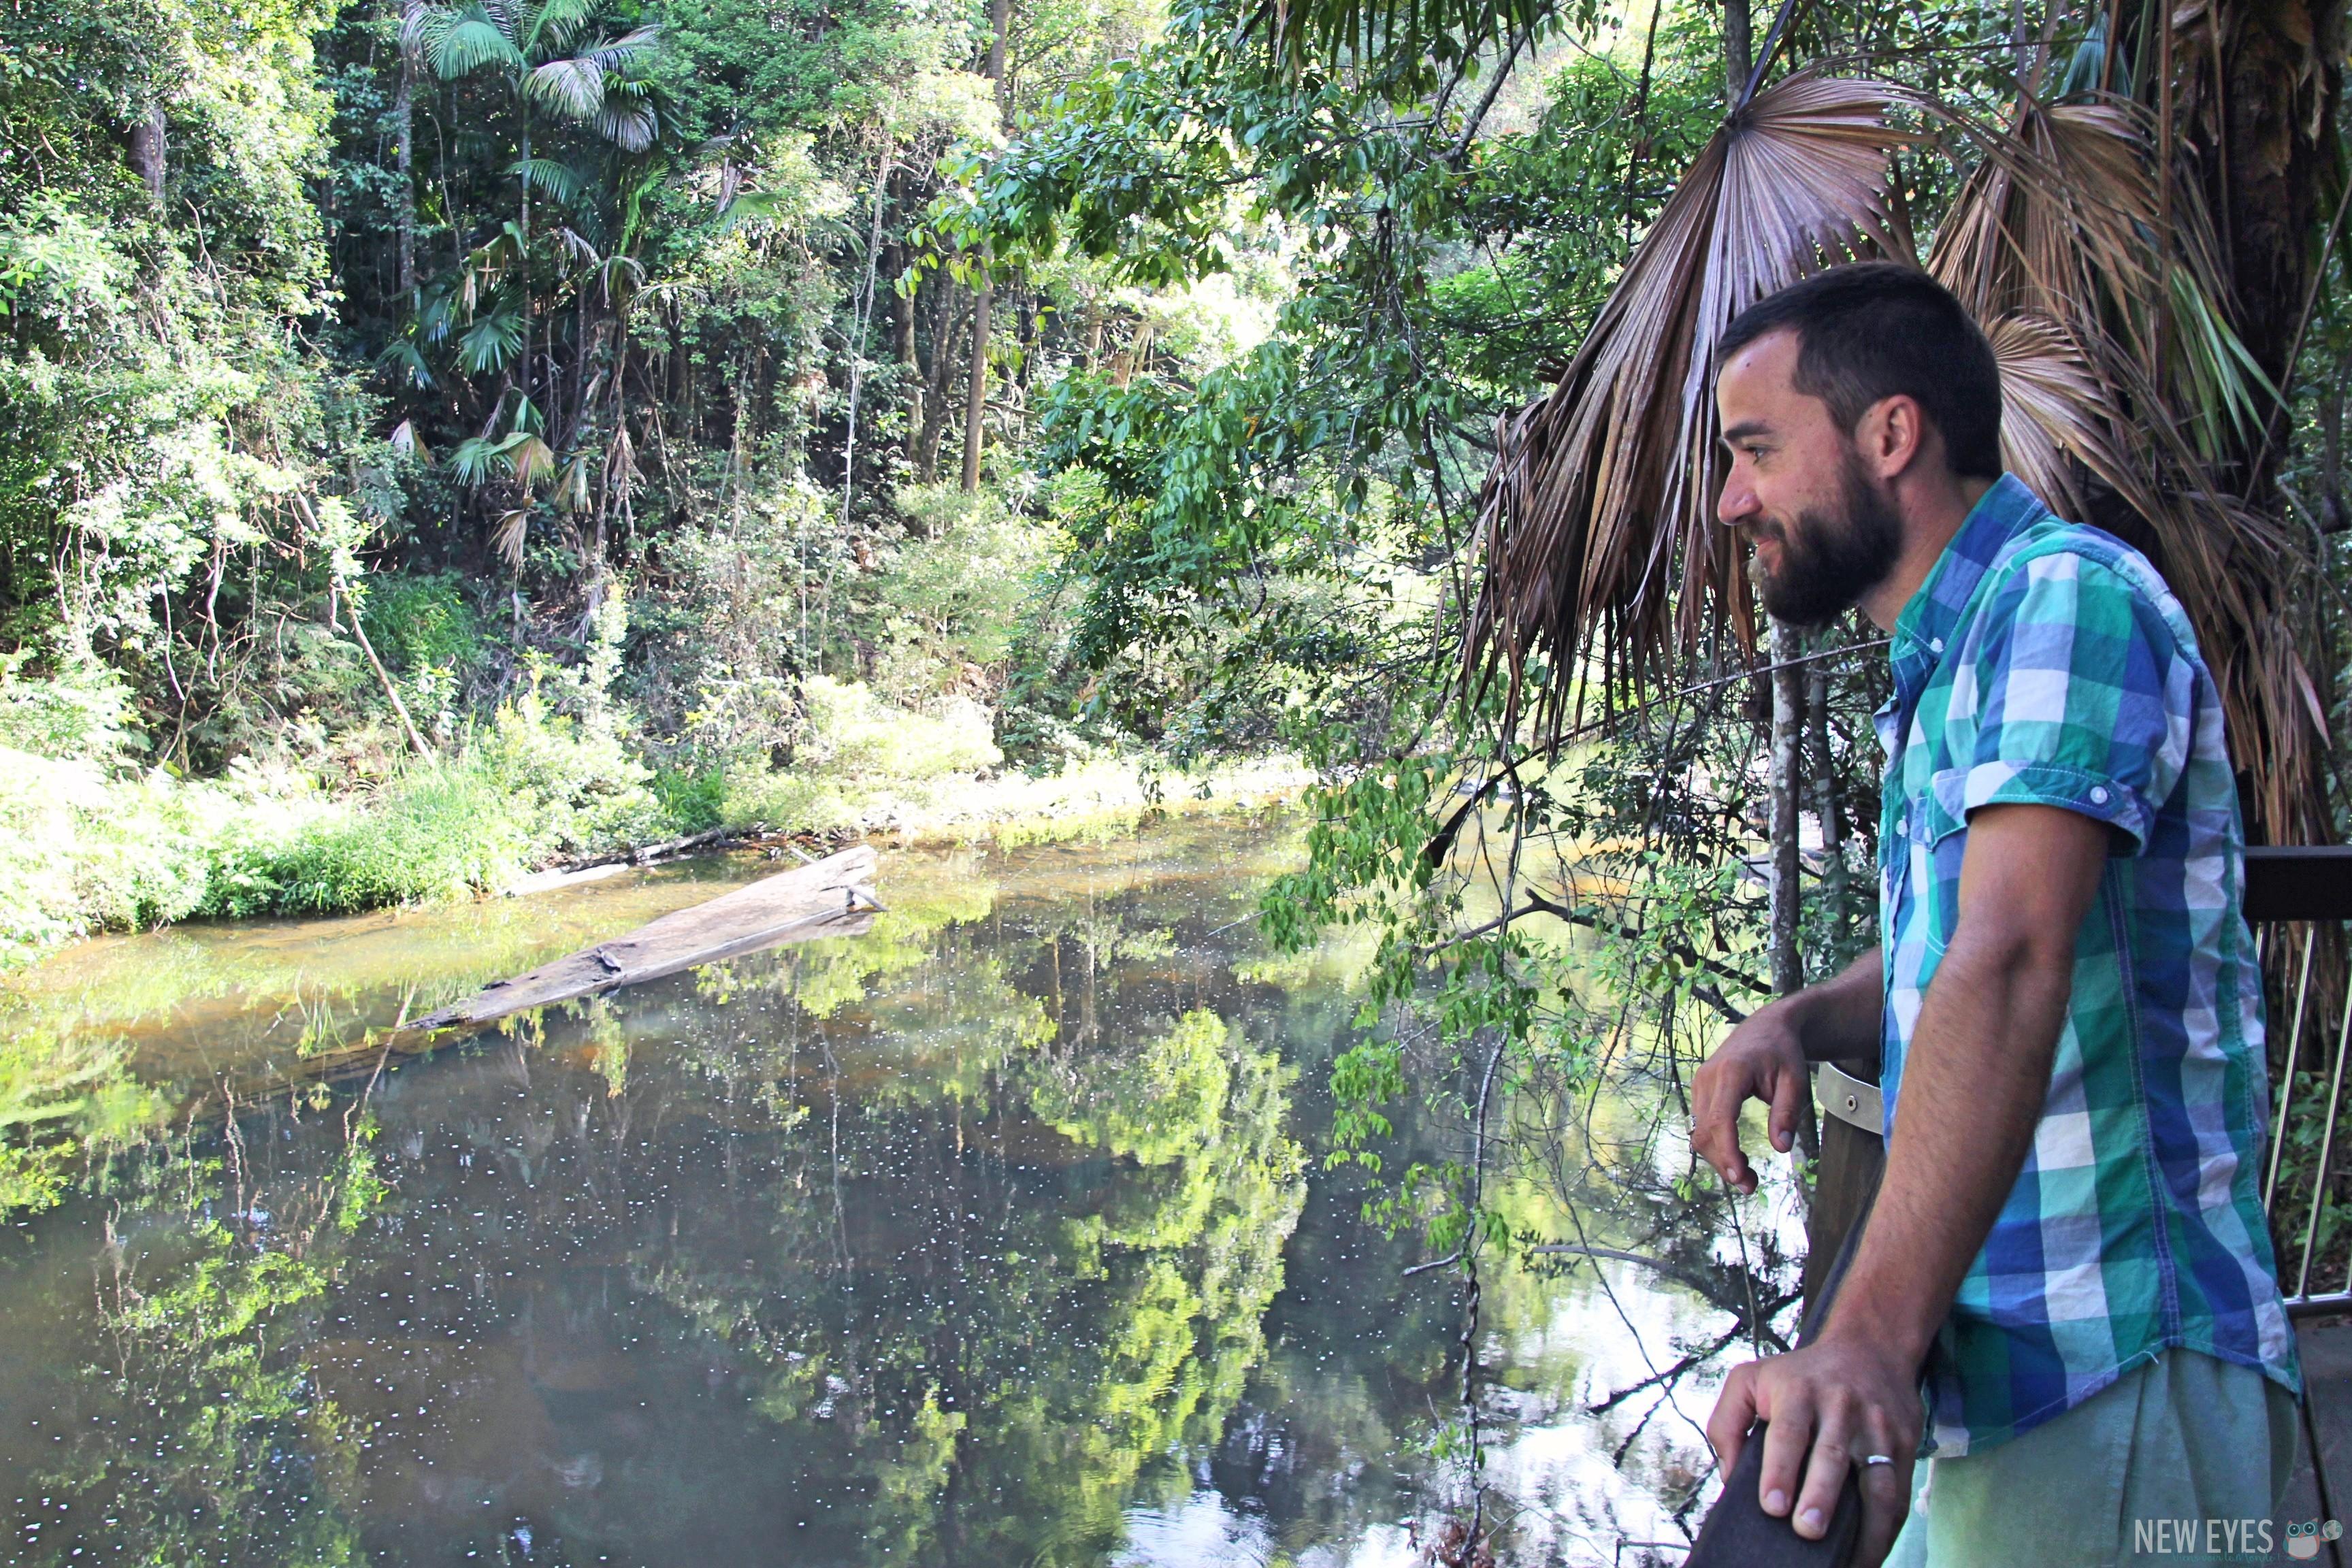 Comment voir des ornithorynques en Australie @neweyes